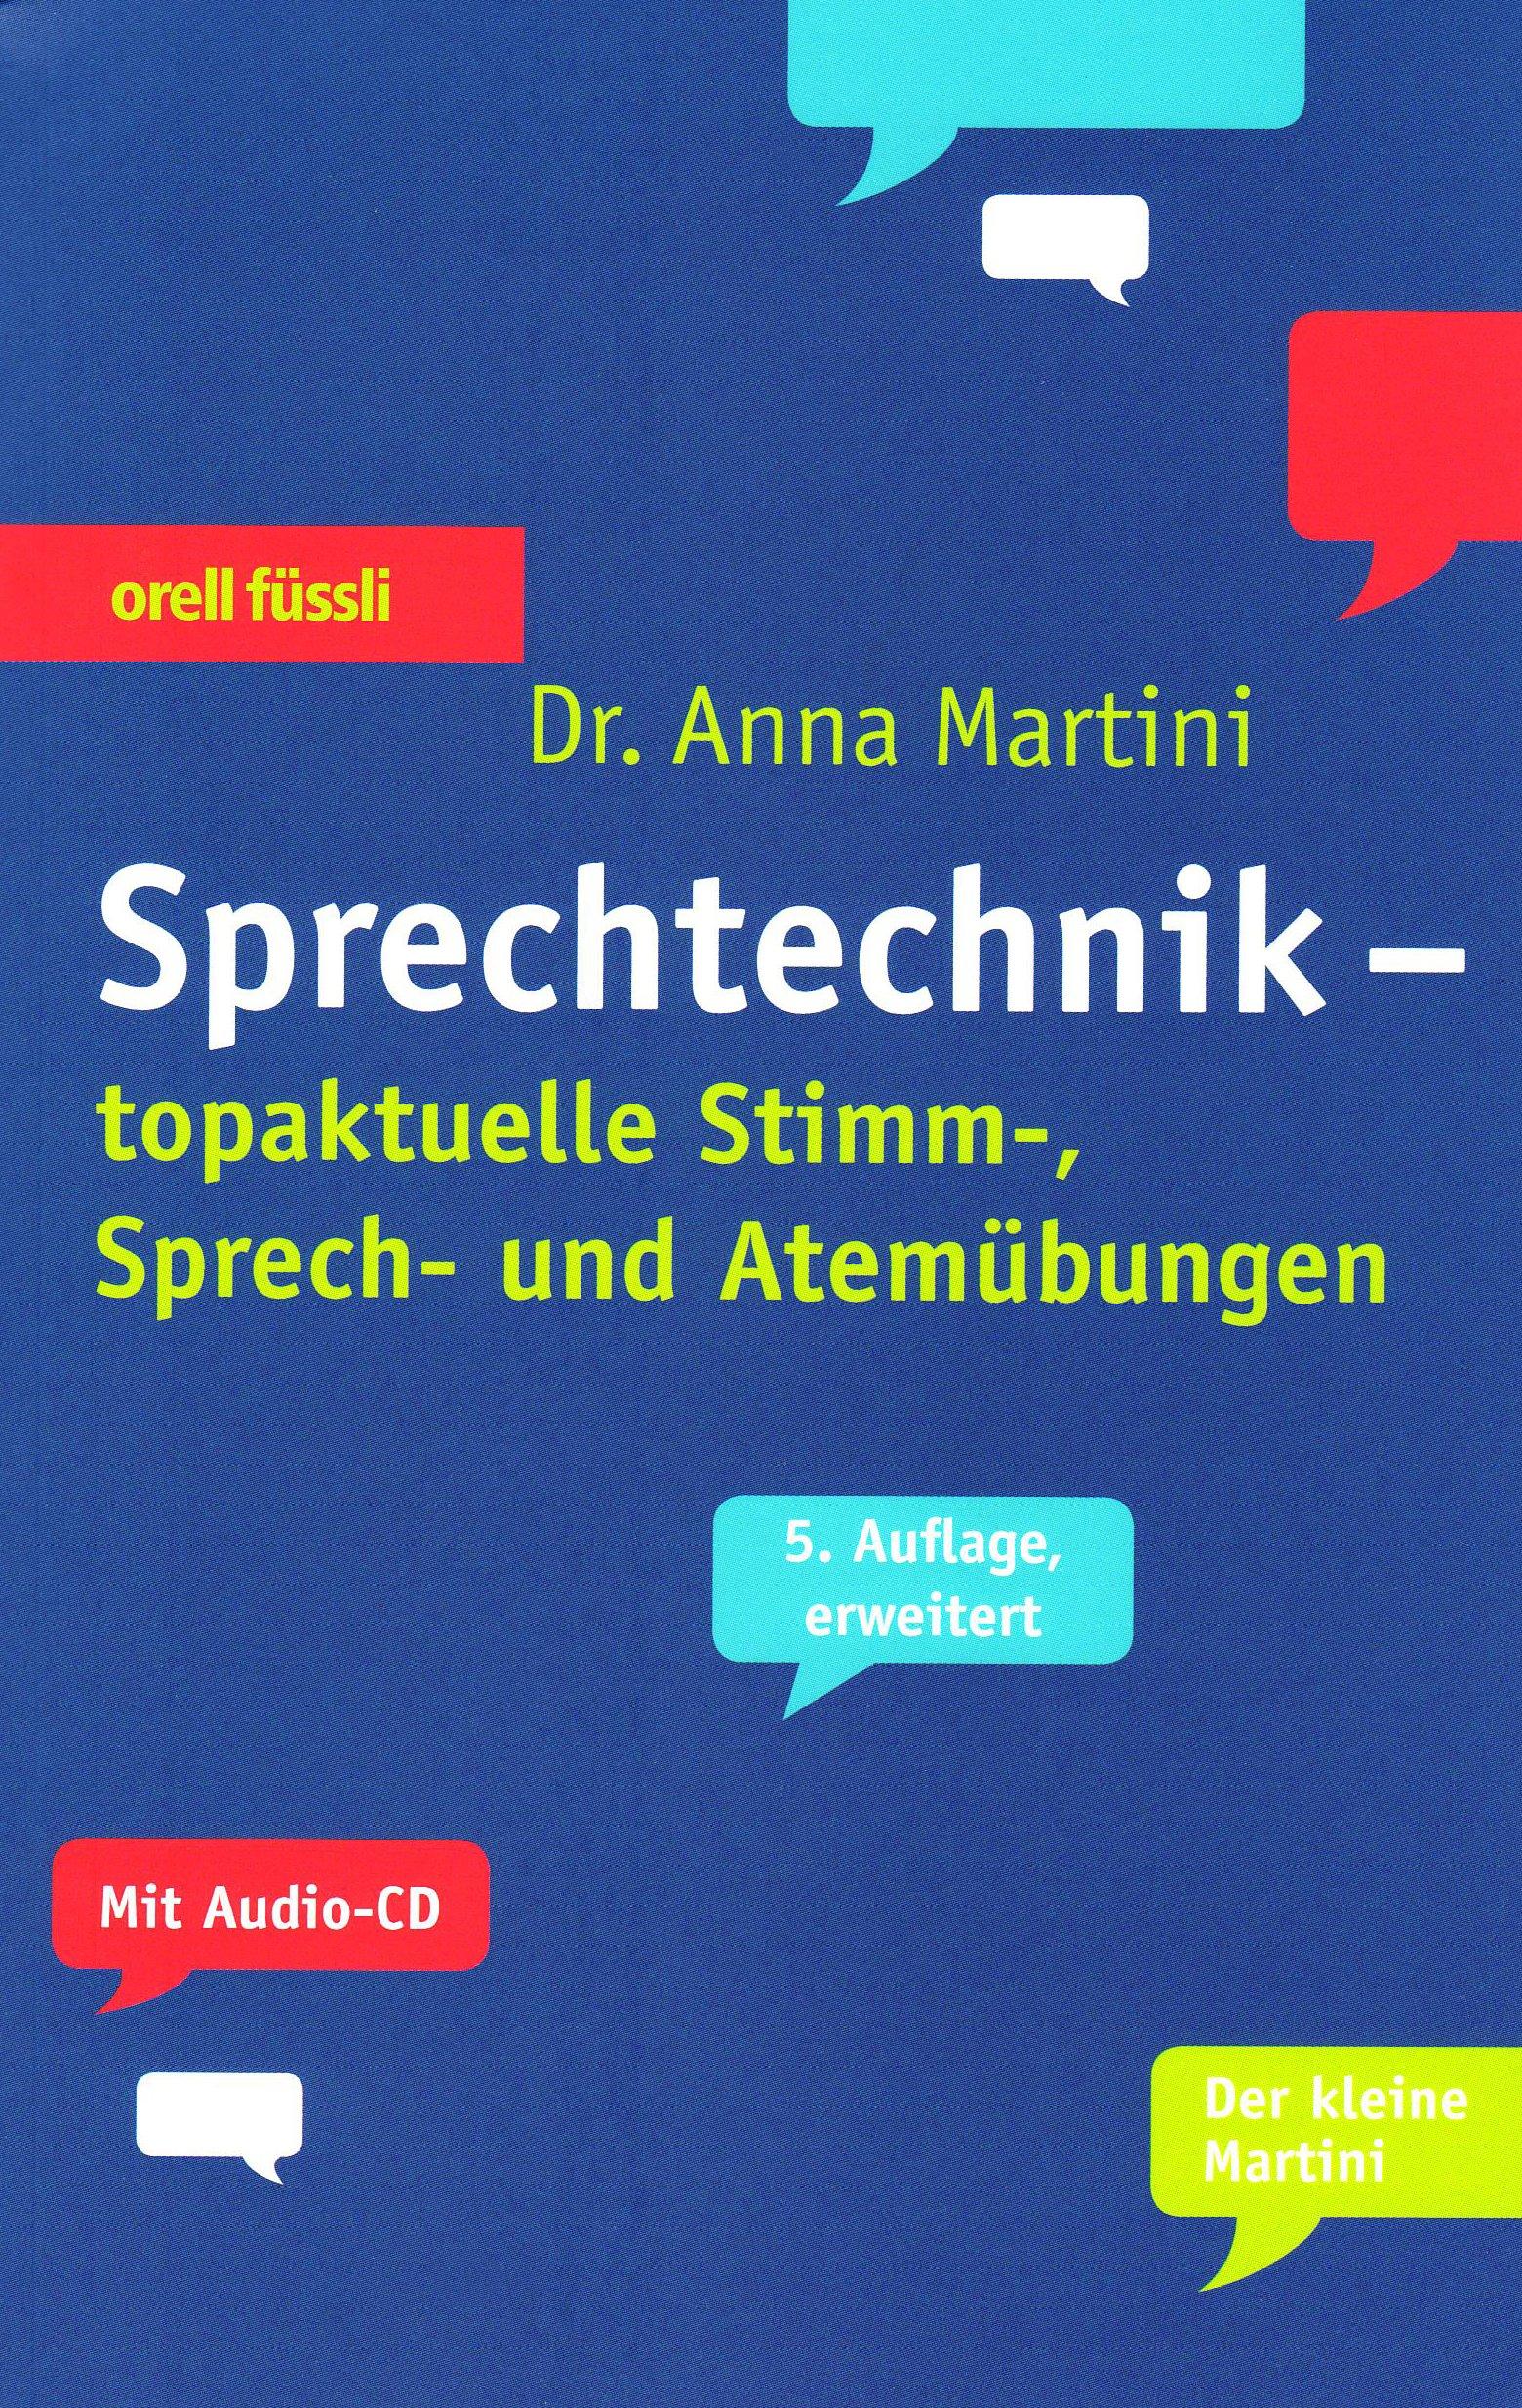 Sprechtechnik Taschenbuch – 1. Juni 2010 Anna Martini Orell Füssli Verlag 3280054001 Rede (Anleitung)